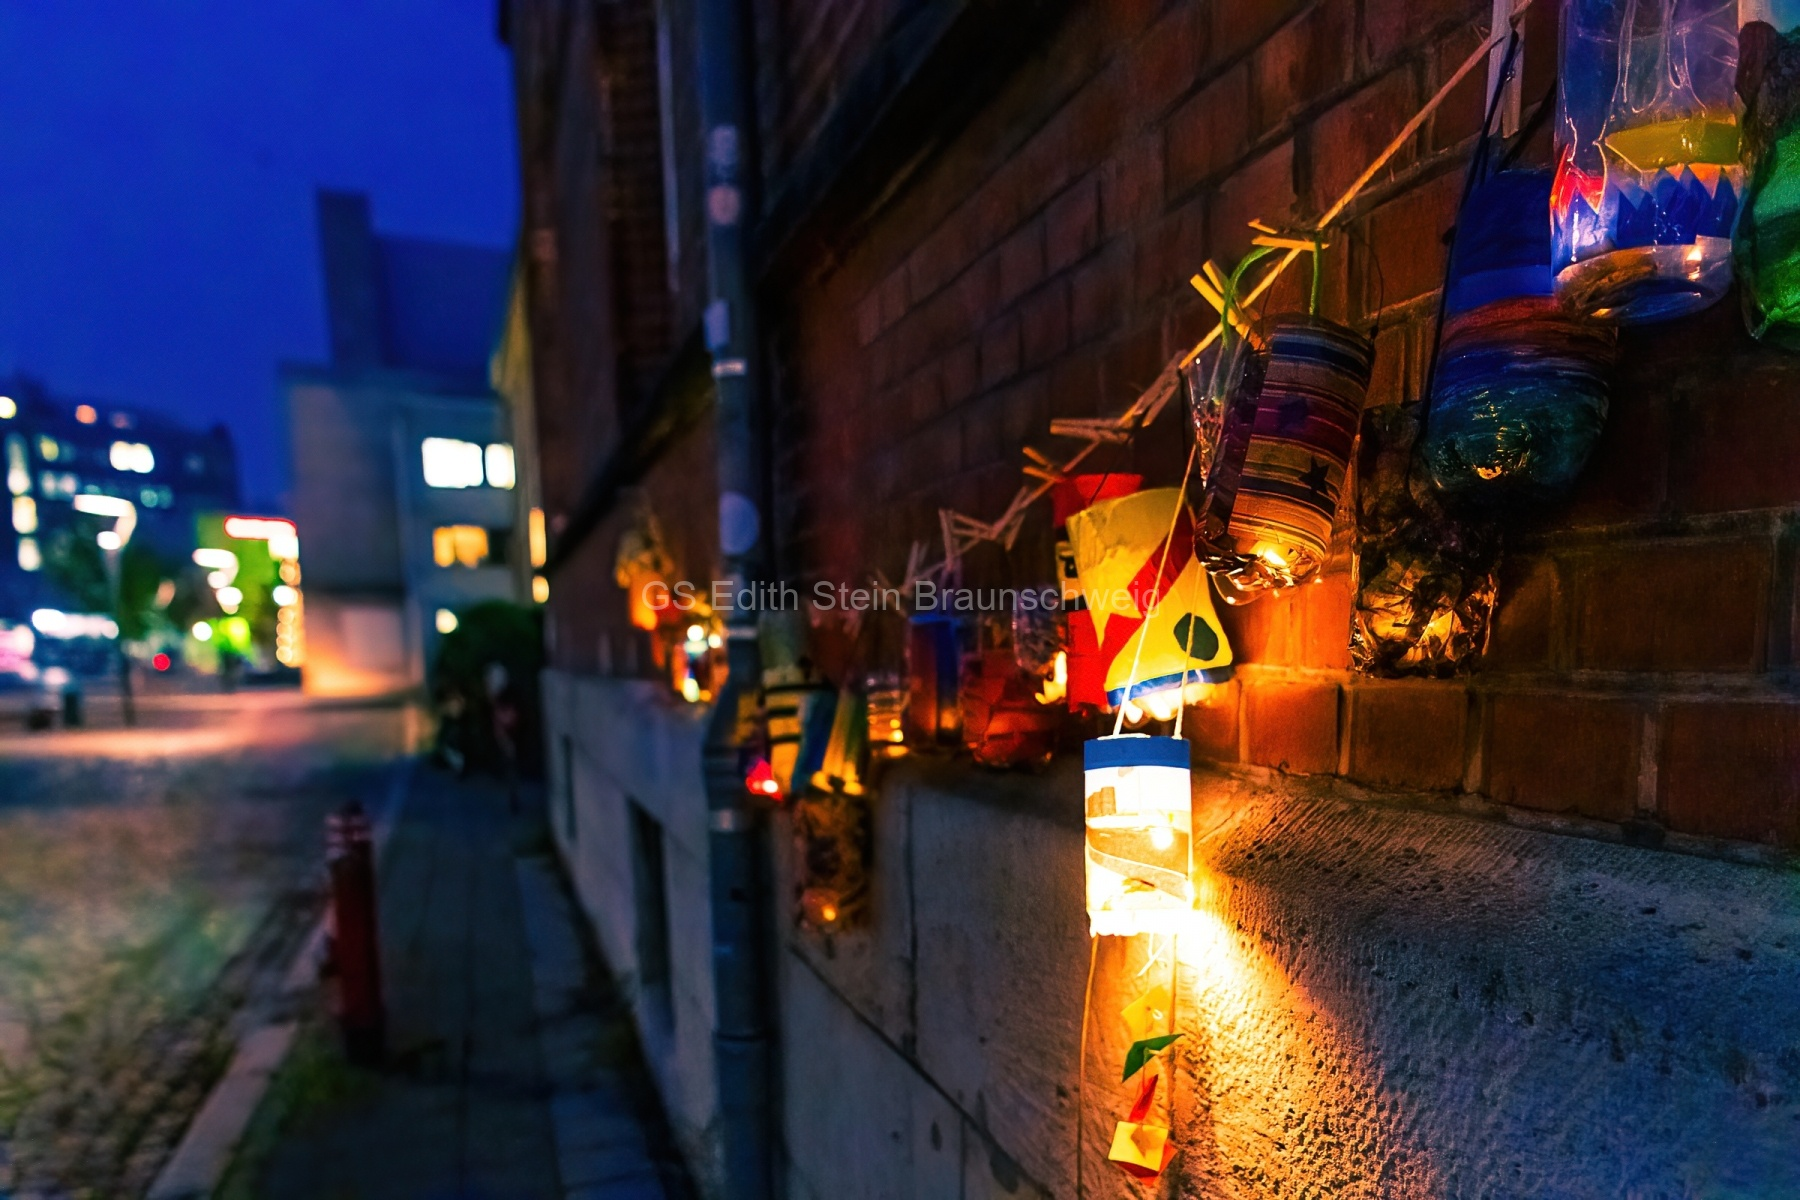 Edith-Stein Grundschule Edith-Stein-Grundschule, Braunschweig am 11.November 2020. Foto: Rüdiger Knuth